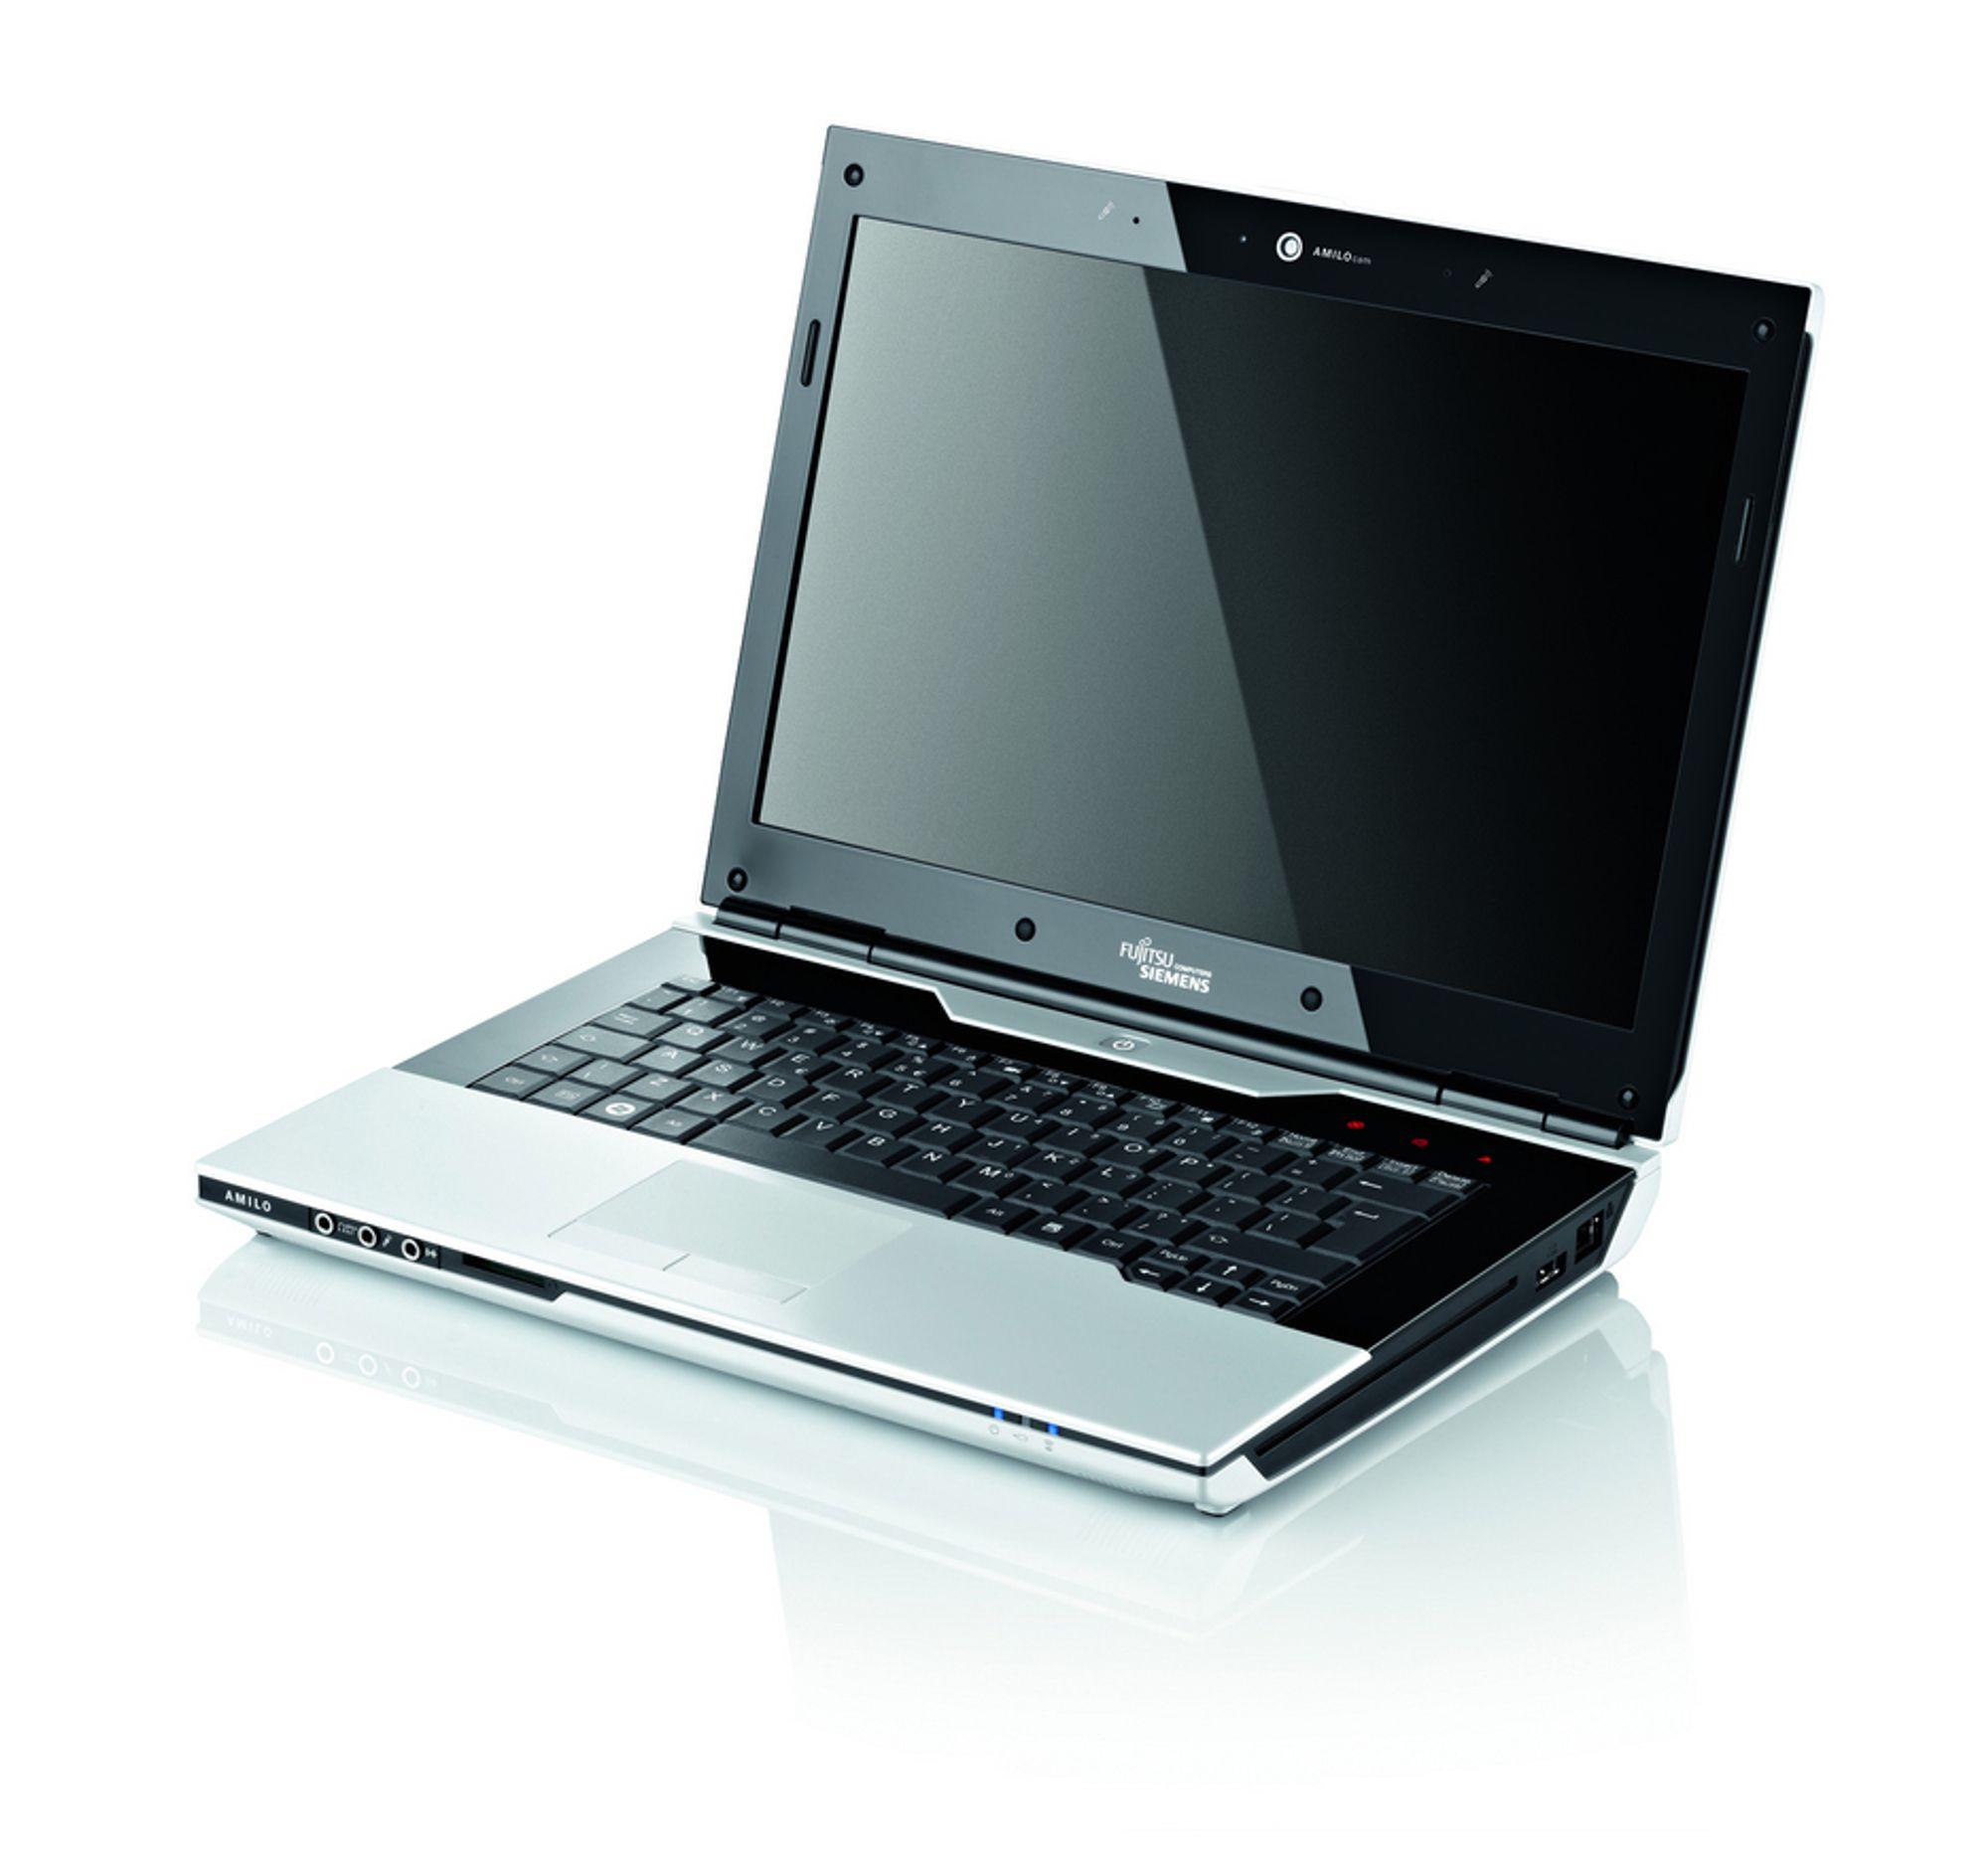 RASKT UTE: Fujitu Siemens var ute med nye modeller samme dag som AMD lanserte sine nye prosessorer for bærbare PC-er.